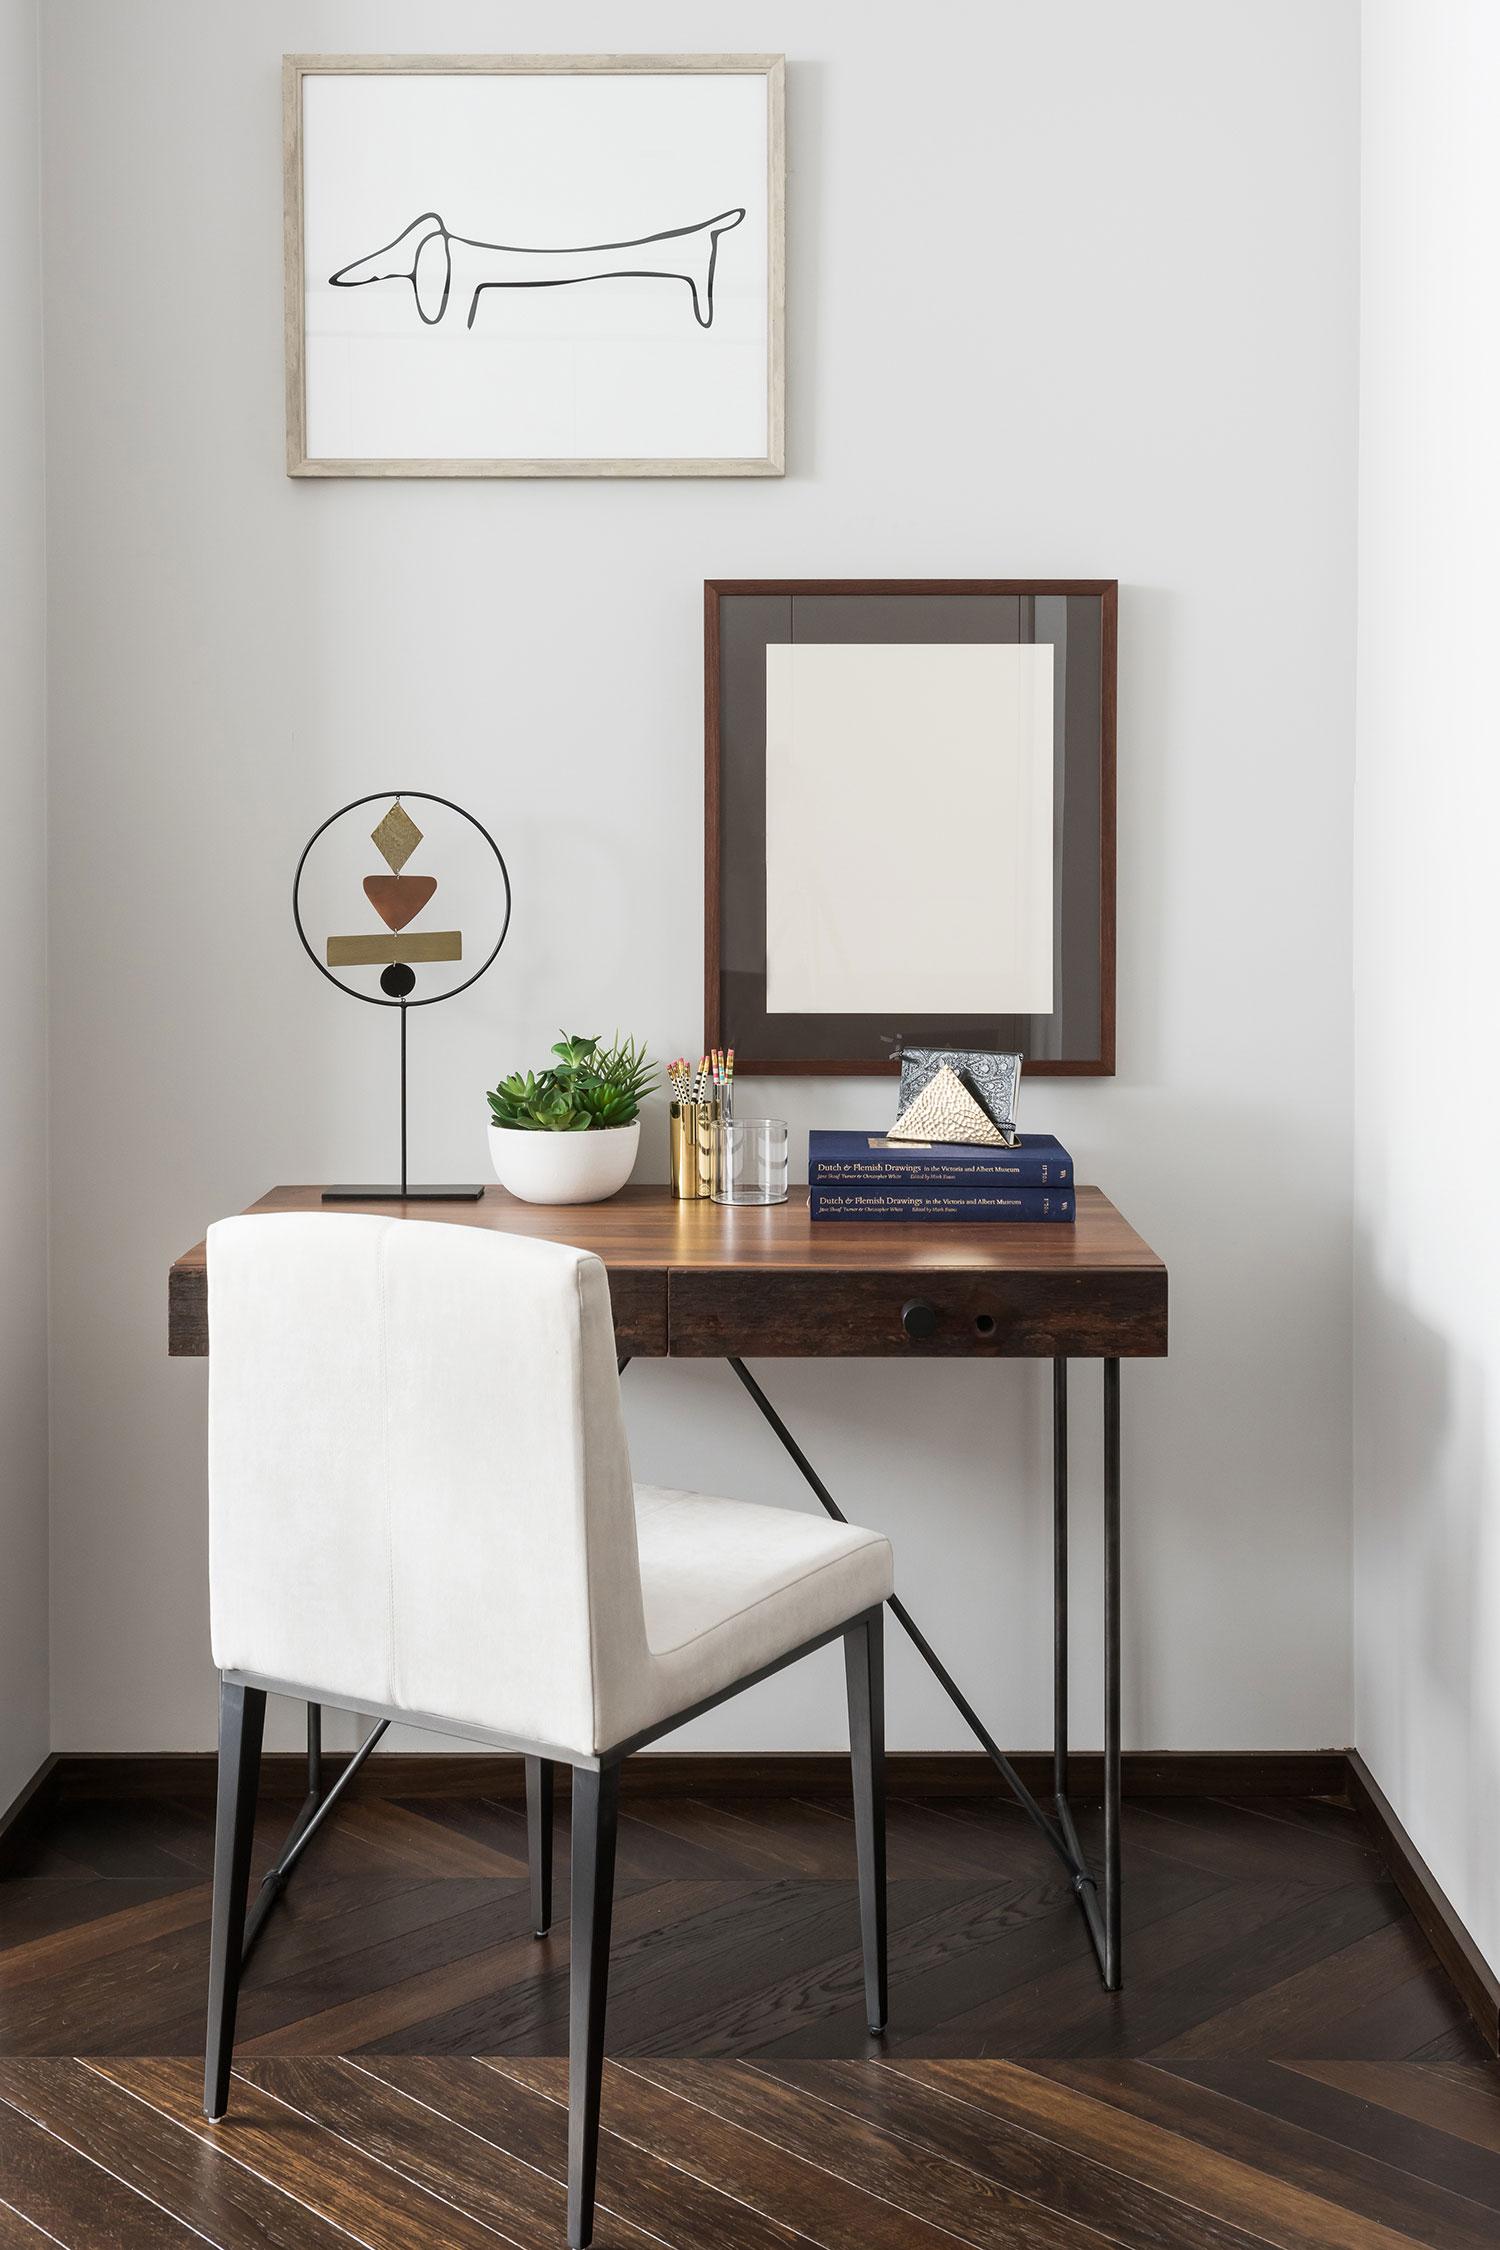 BoxNine7_Colyer_009__Living_Room_Entrance_Area_Sitting_Room.jpg